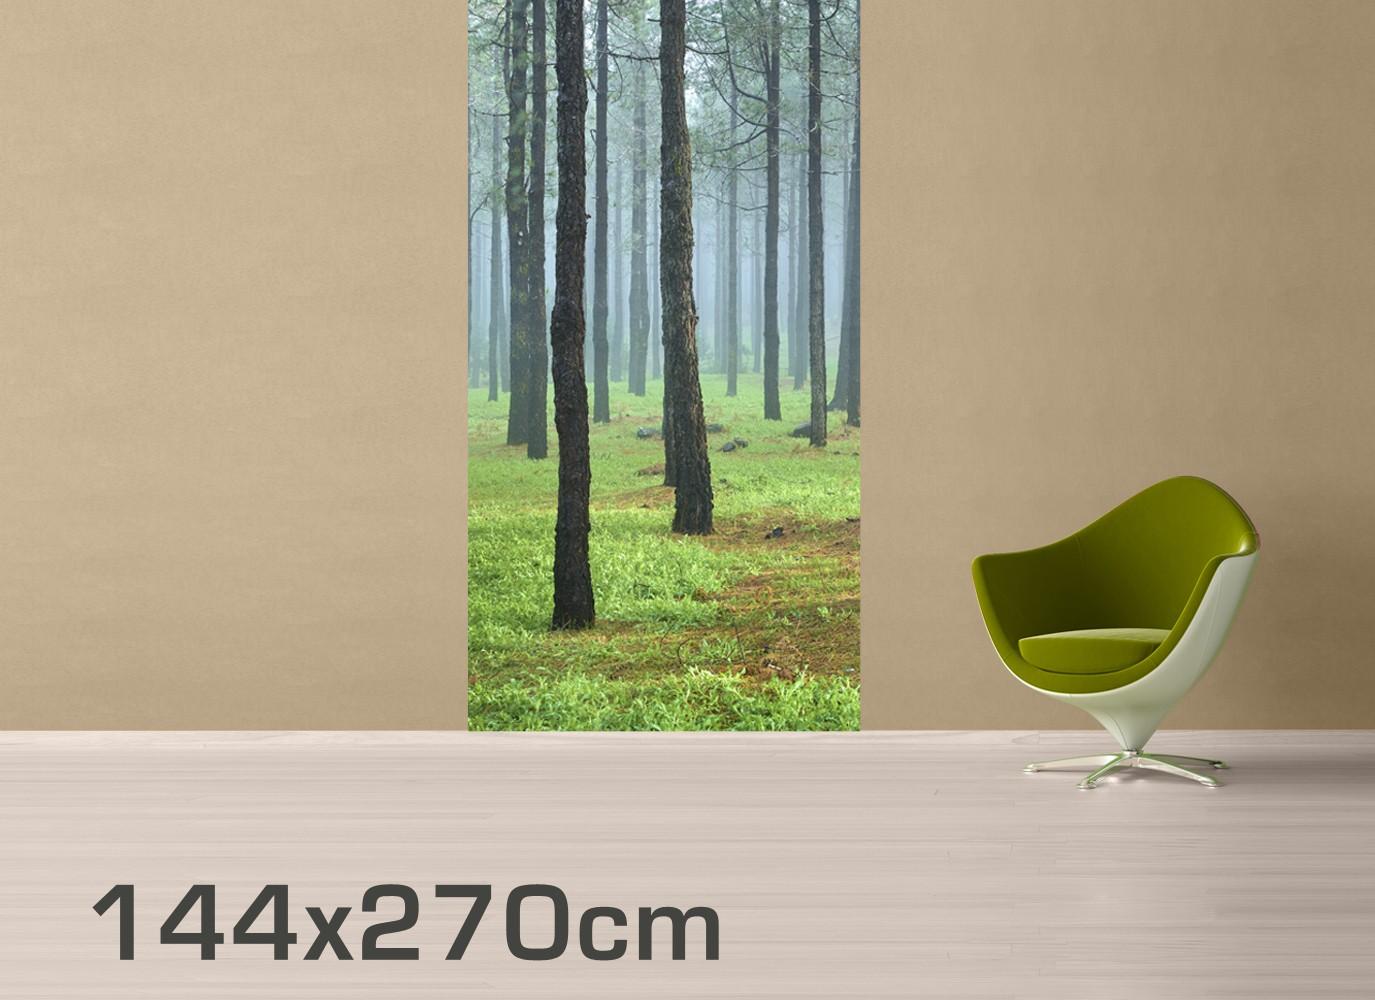 fototapete wald tiefer wald mit kiefern auf la palma selbstklebende vinyltapete. Black Bedroom Furniture Sets. Home Design Ideas